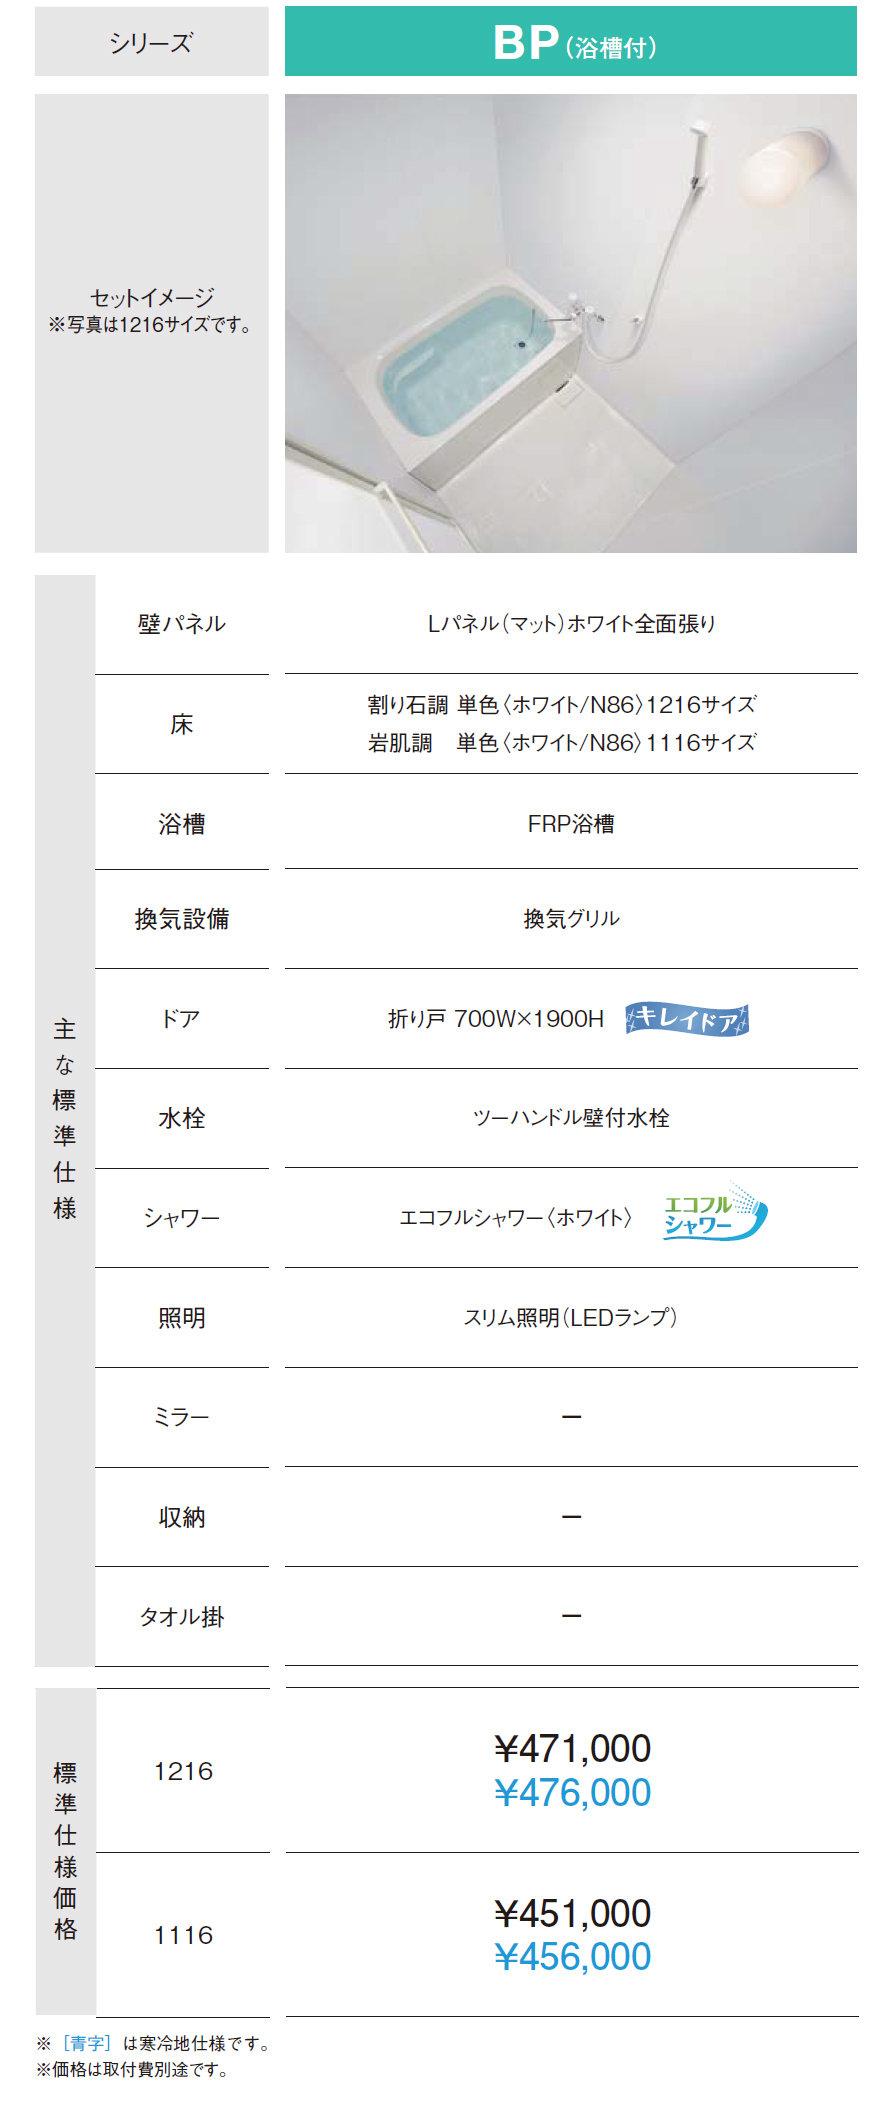 BP標準仕様.jpg